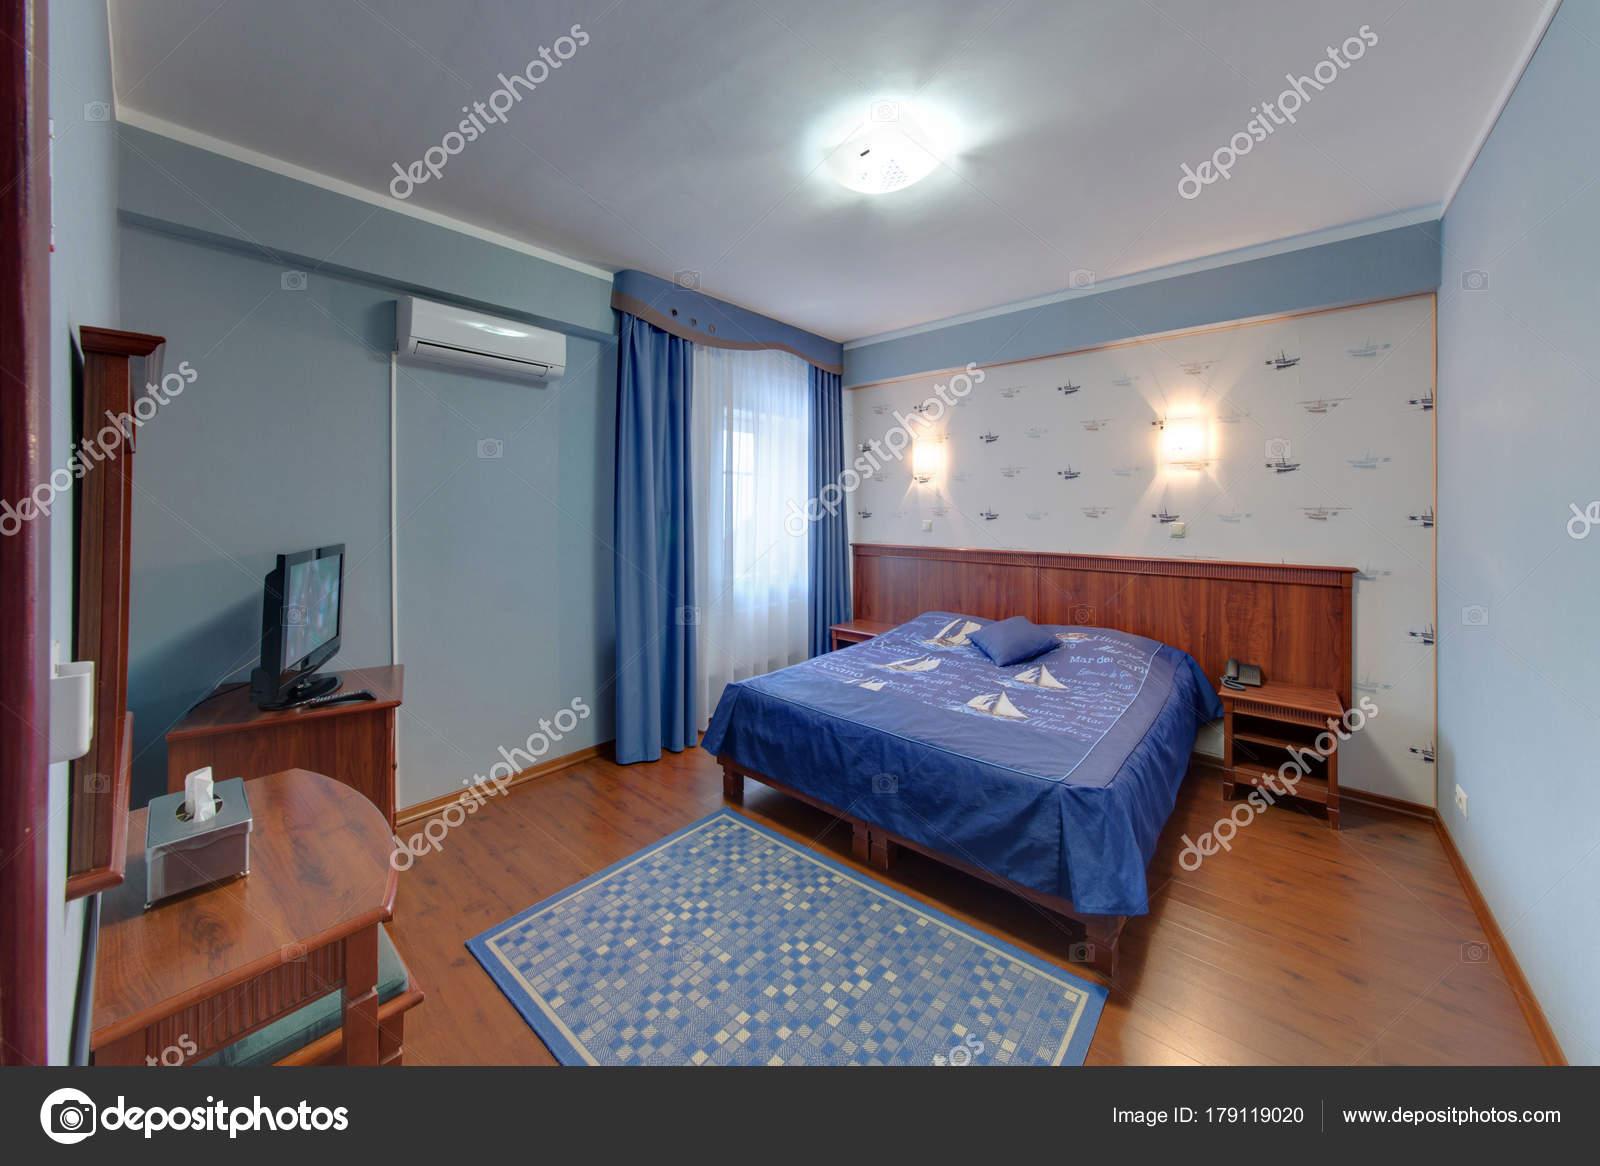 Camera Letto Nello Stile Del Mare Con Tende Blu Scuro — Foto Stock ...